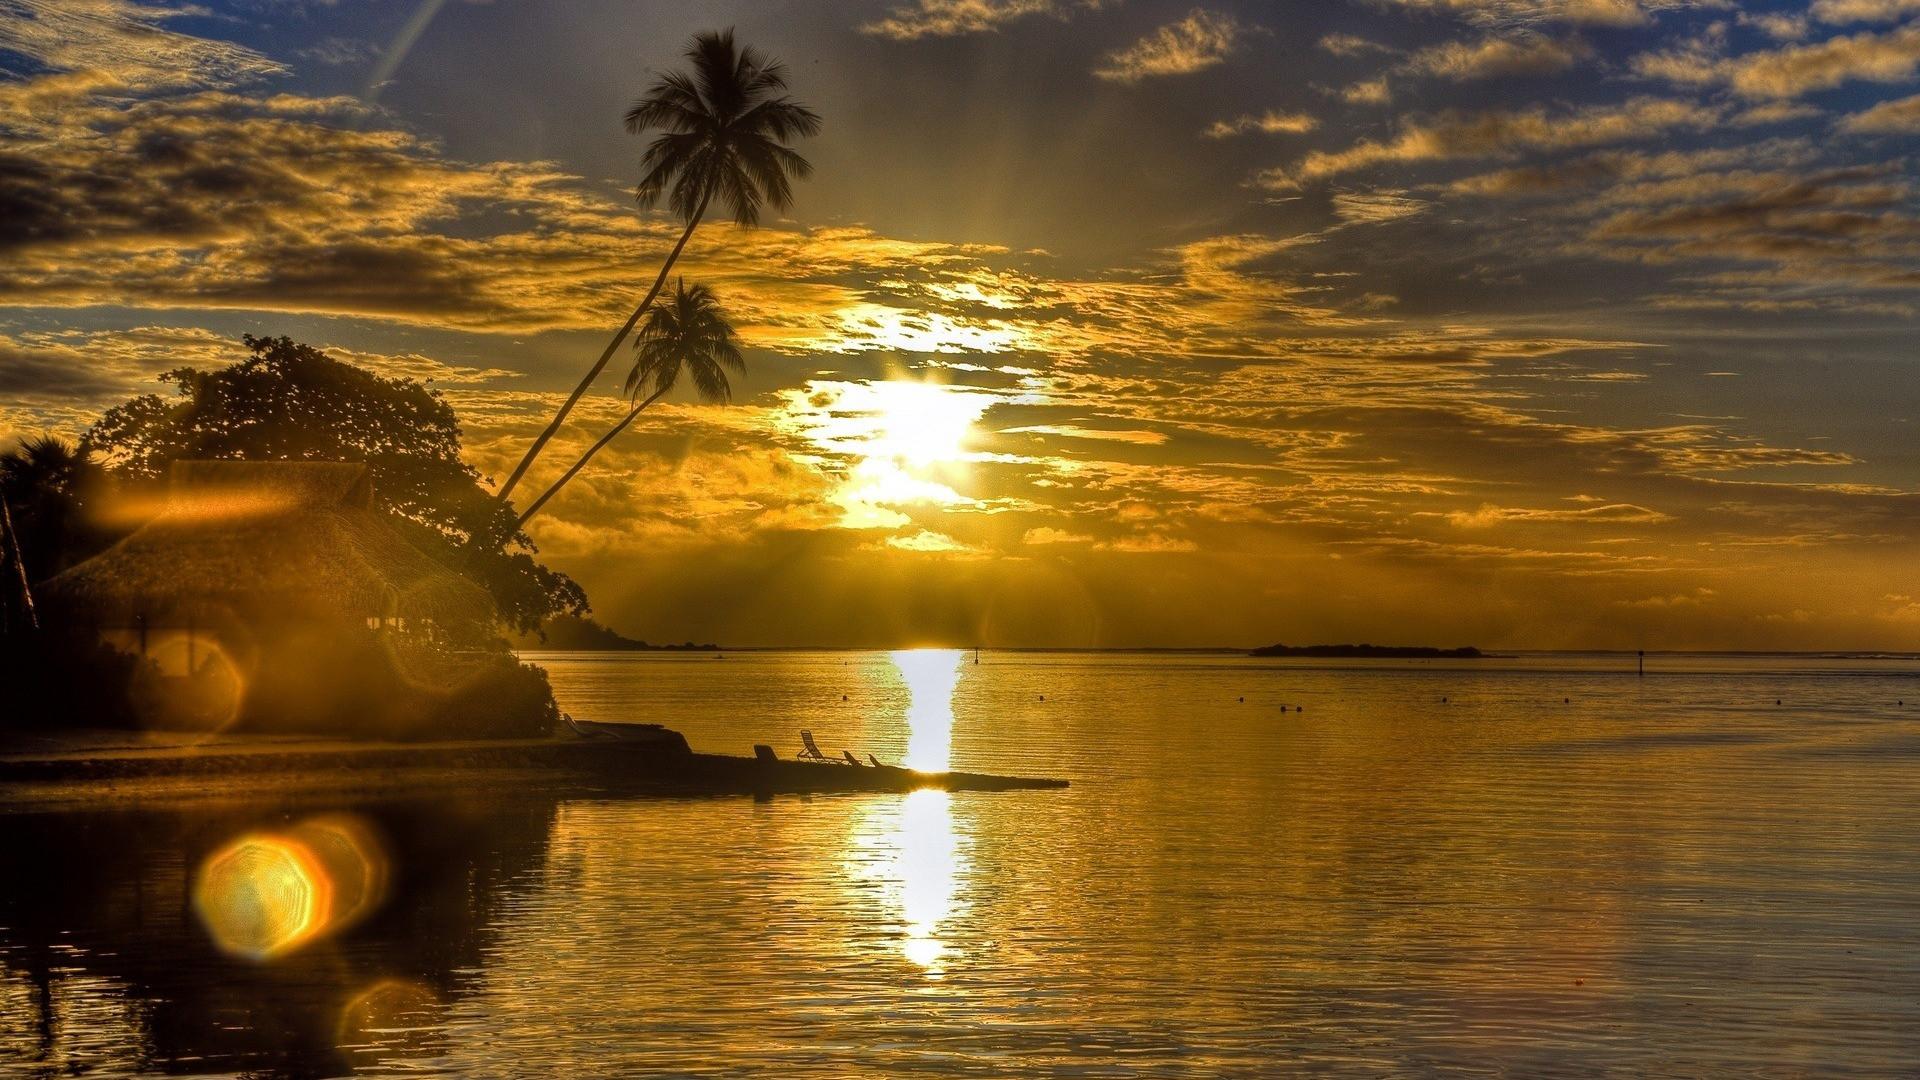 природа отражение вечер деревья корабли без смс